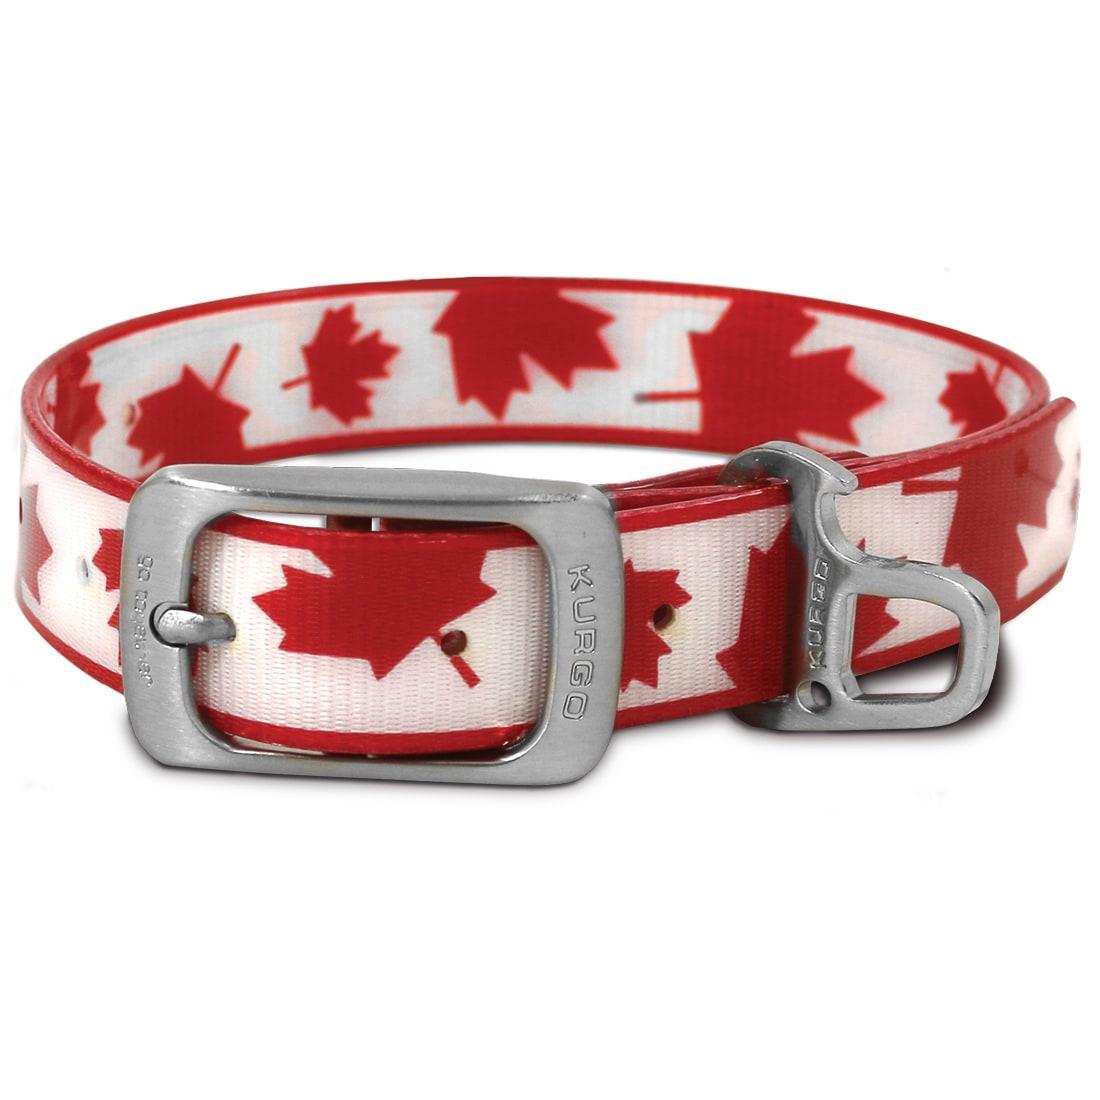 Muck Dog Collar by Kurgo - Maple Leaf